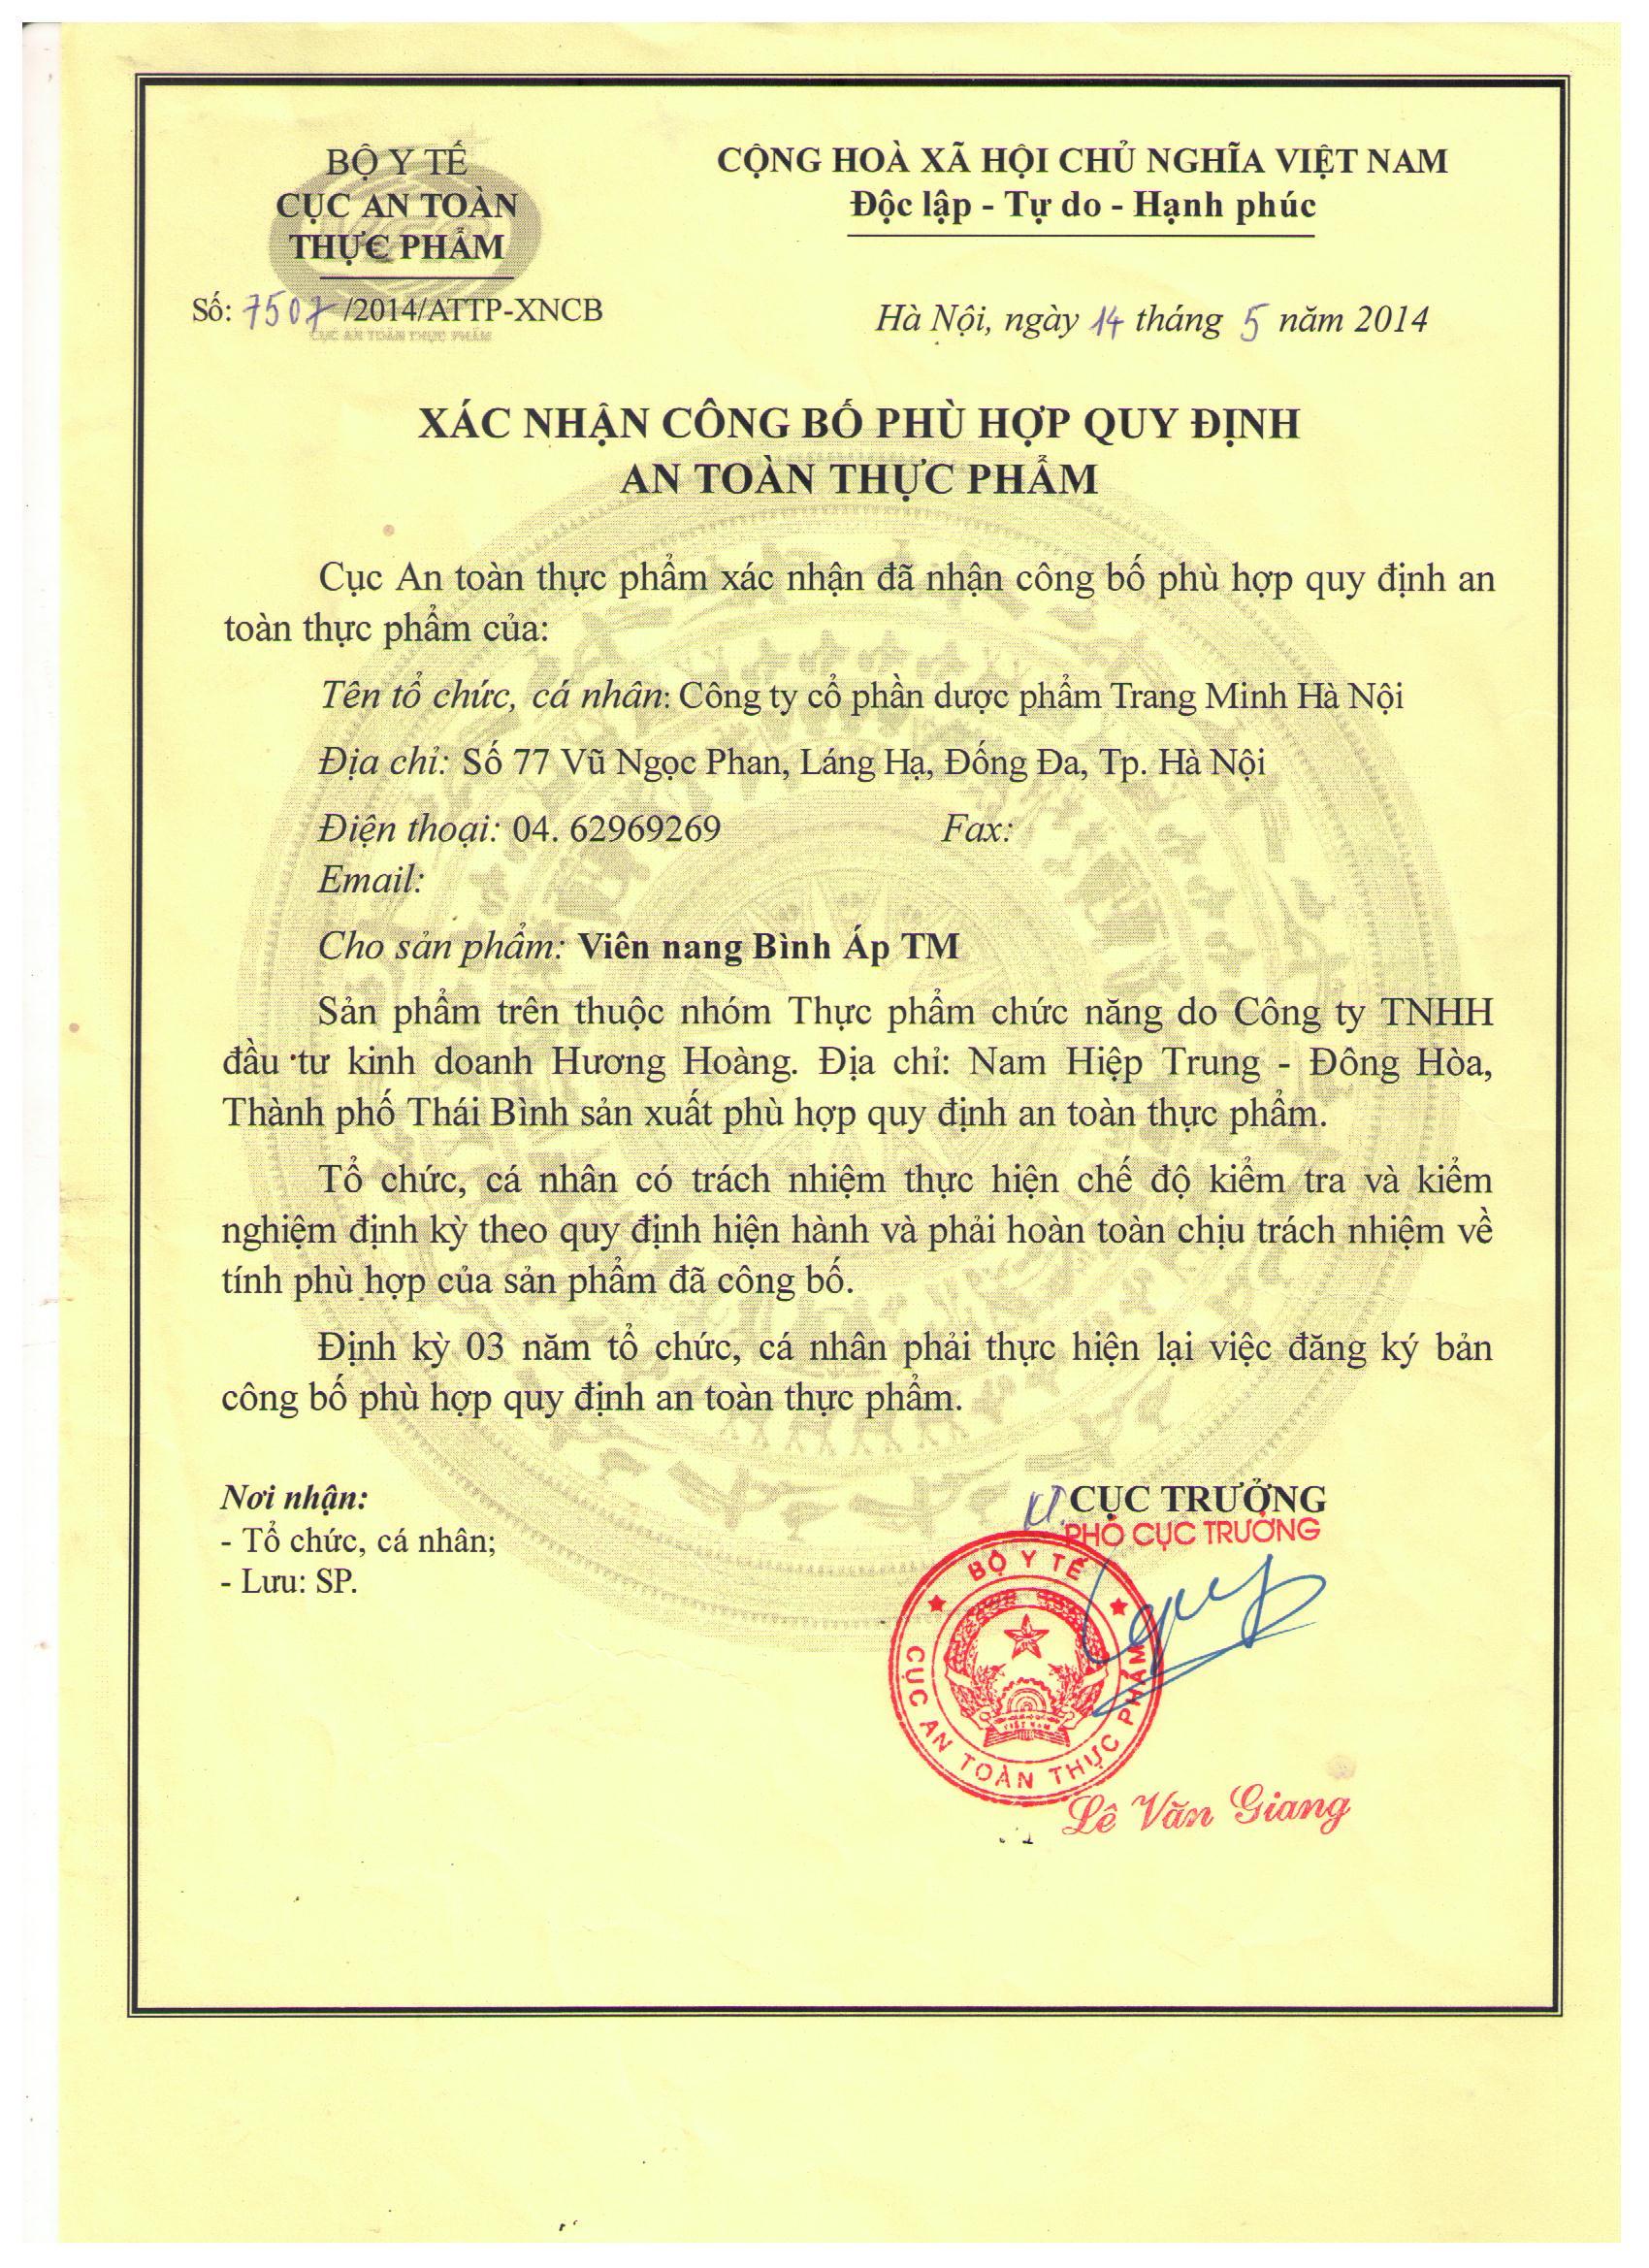 HN 14.5.14 Vien nang Binh Ap TM